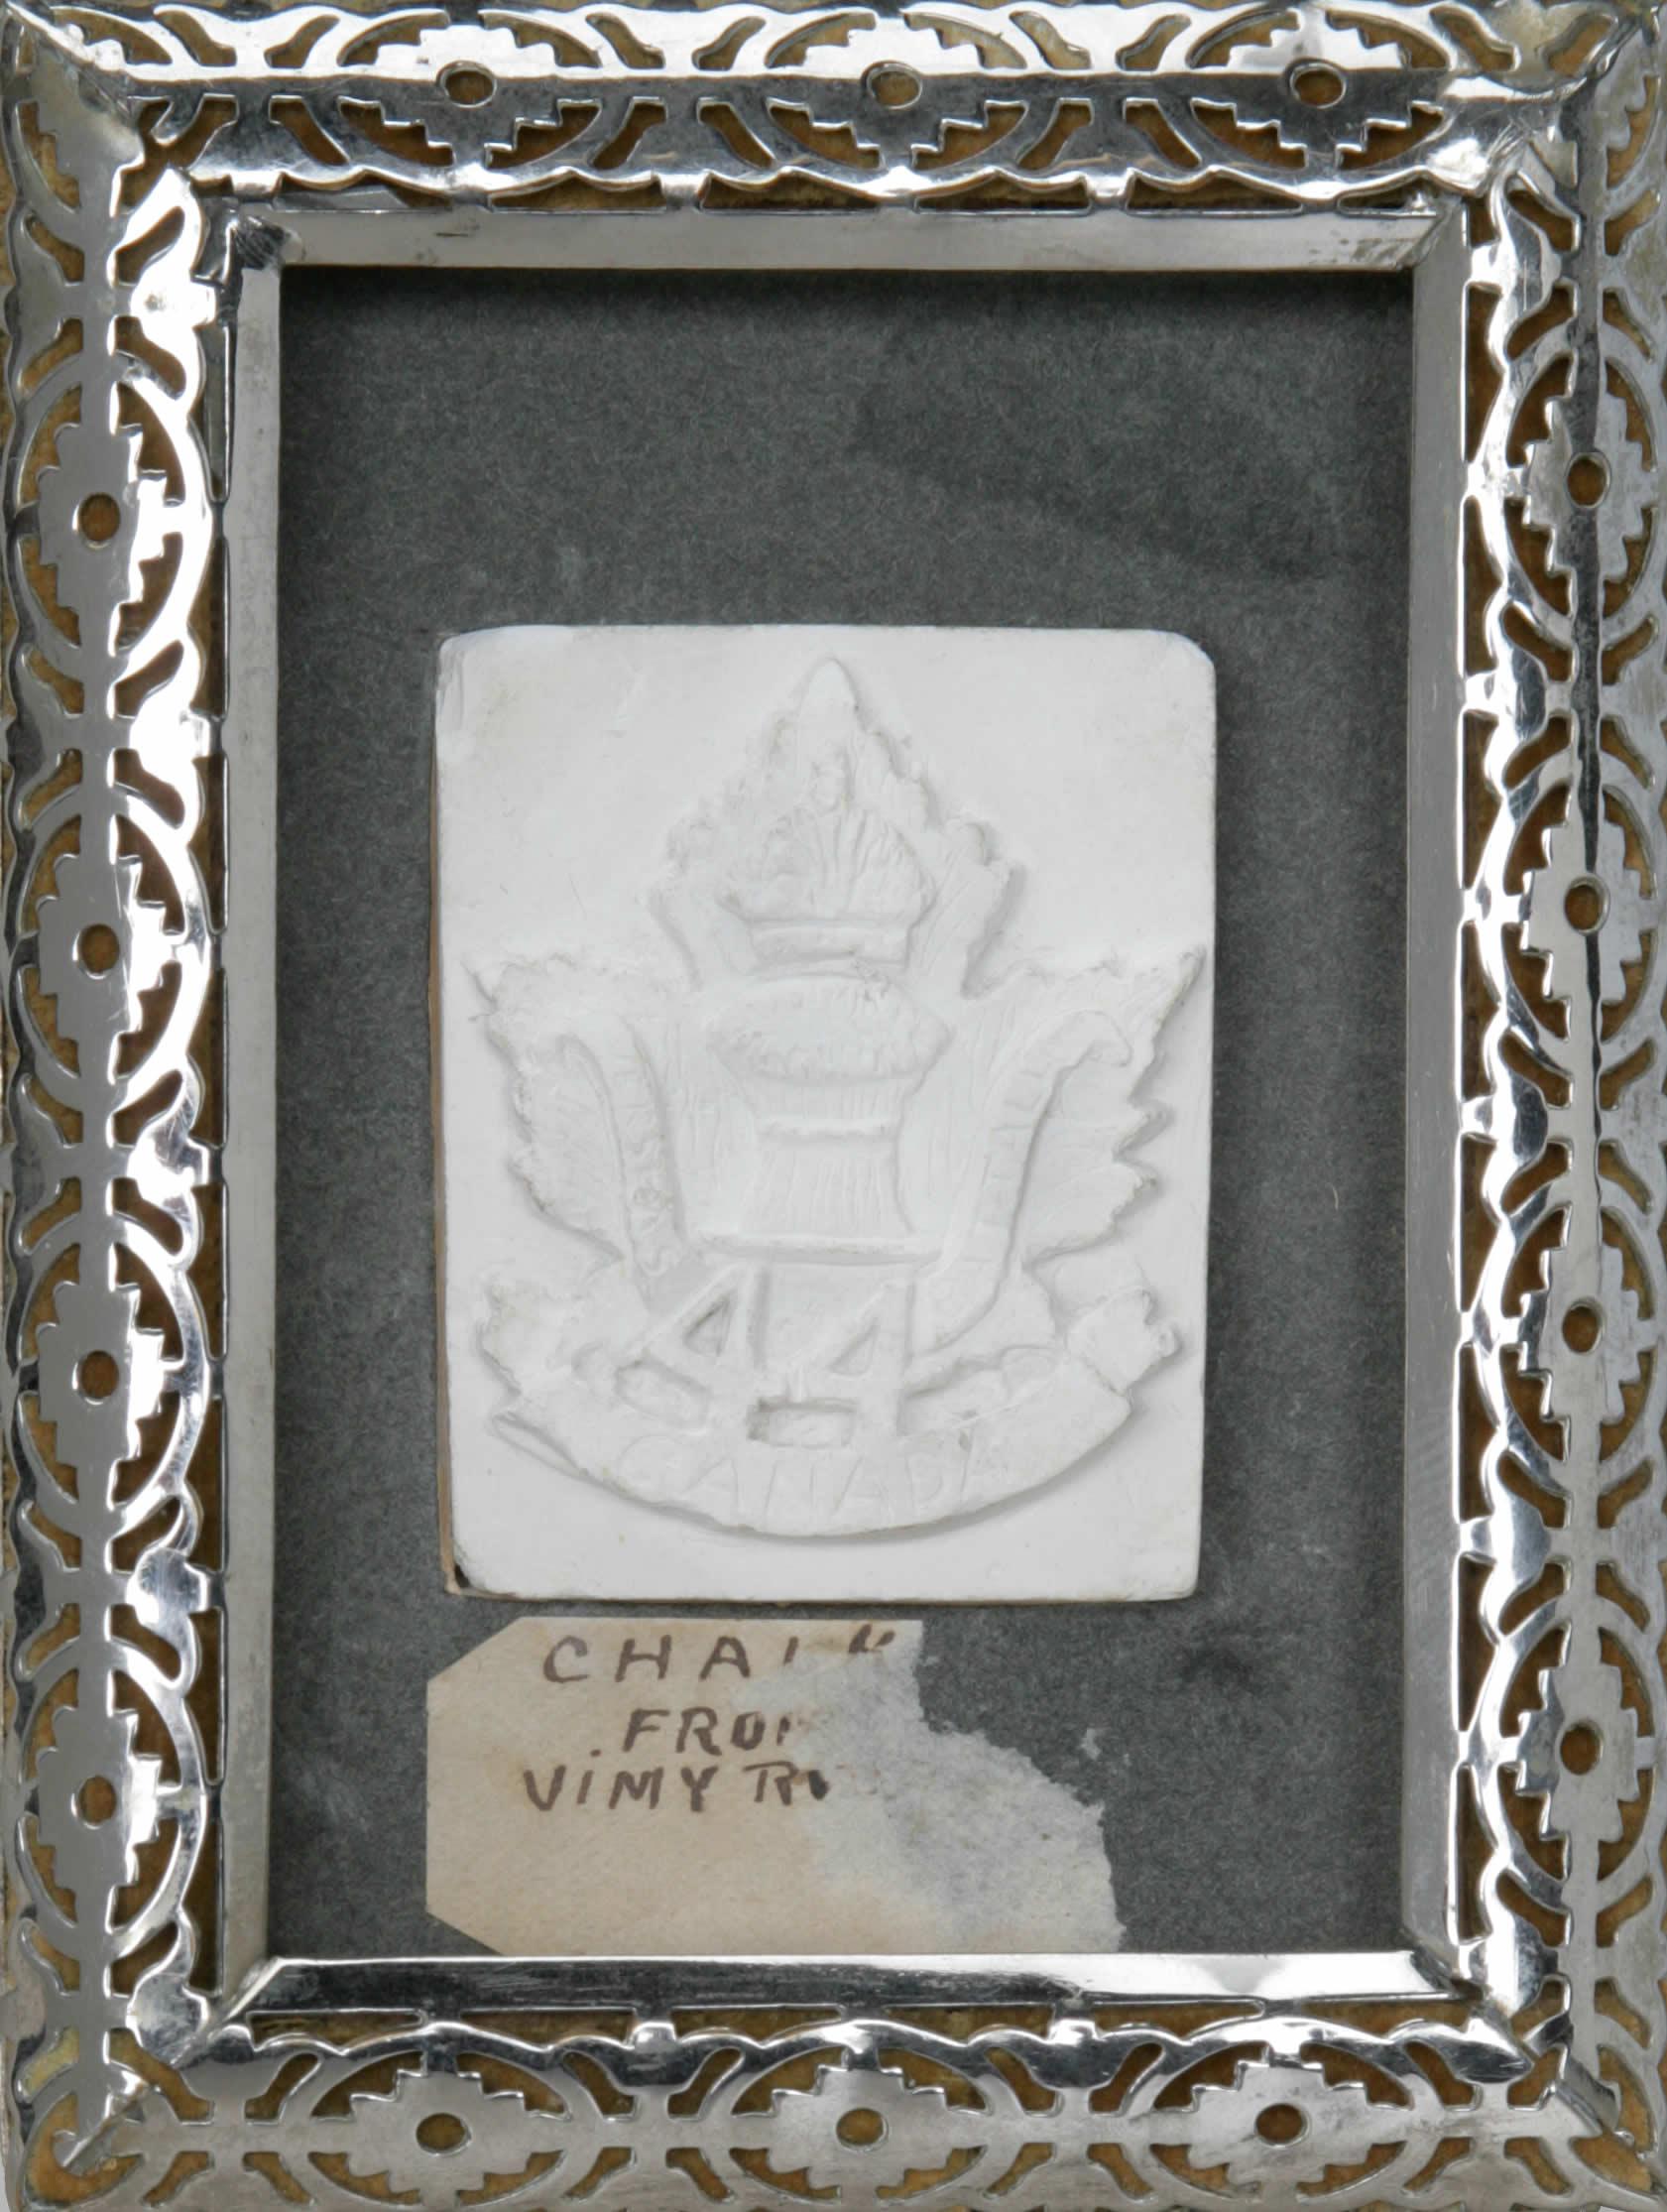 Chalk Crest